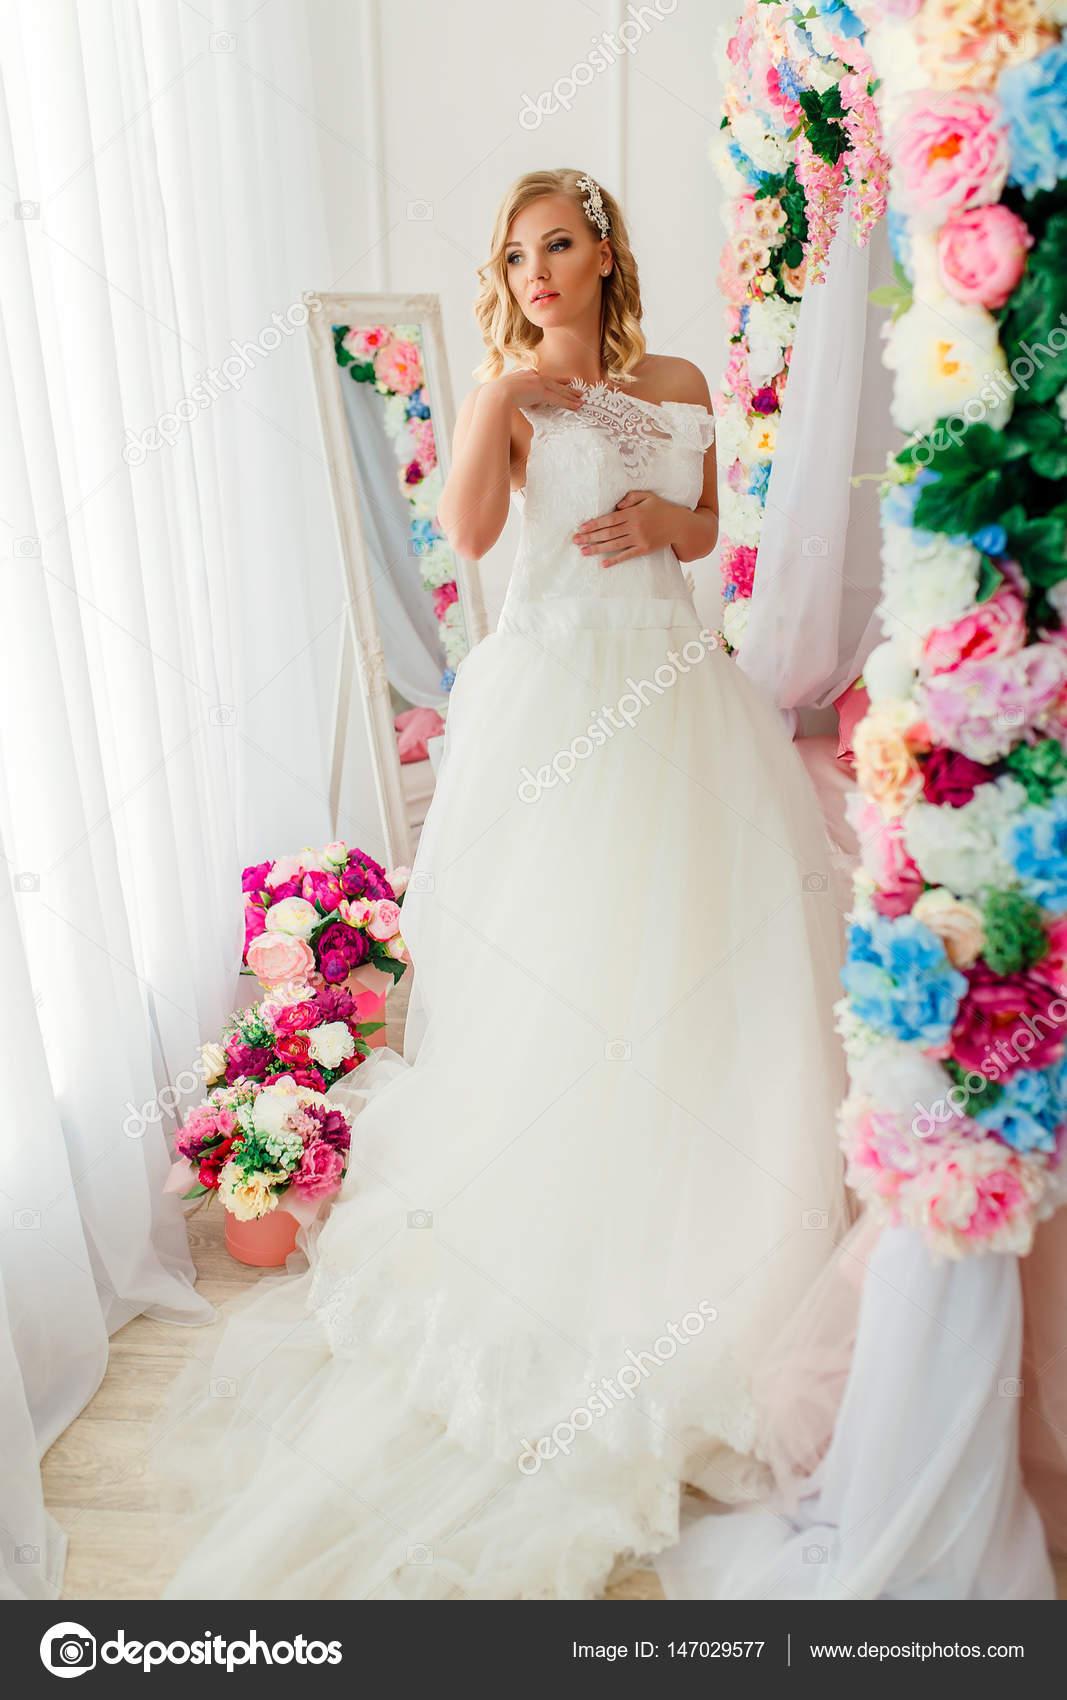 Junge Frau trägt Hochzeitskleid posiert in Zimmer mit Blumen ...